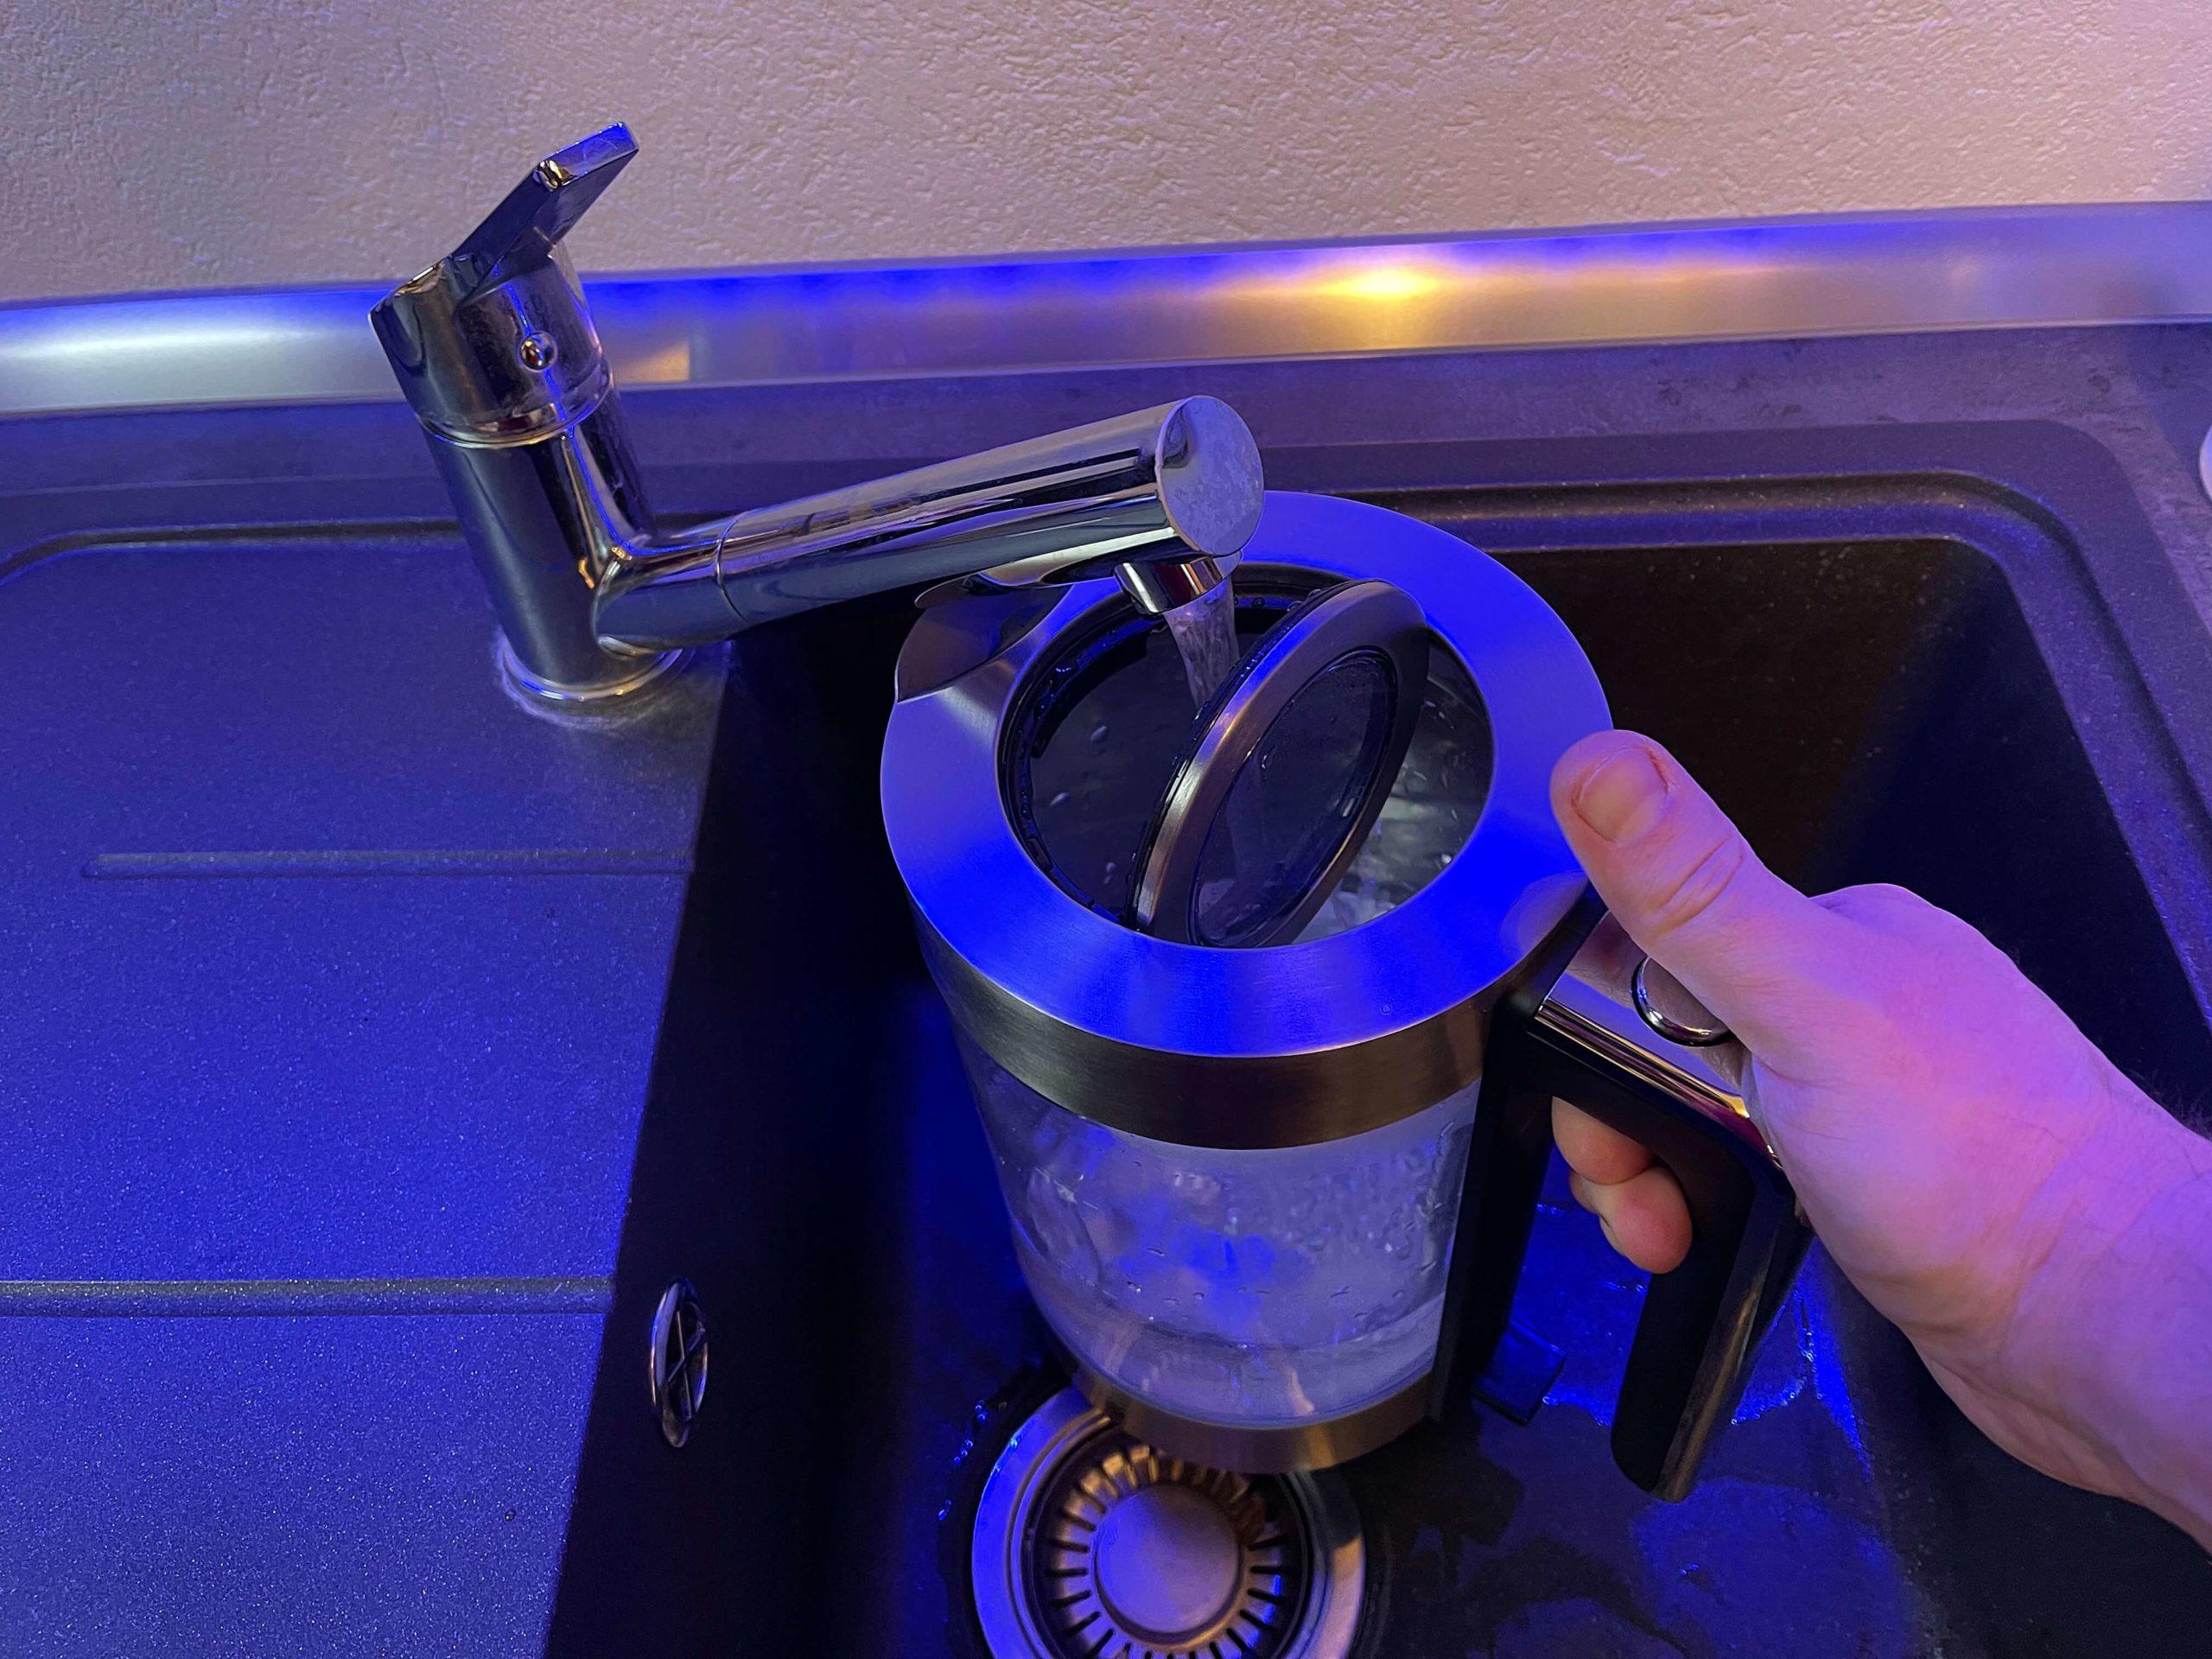 Lono-Glaswasserkocher-von-WMF-ideal-fuer-das-Apple-HomeKit-Zuhause3-scaled Lono Glaswasserkocher von WMF - ideal für das Apple HomeKit-Zuhause